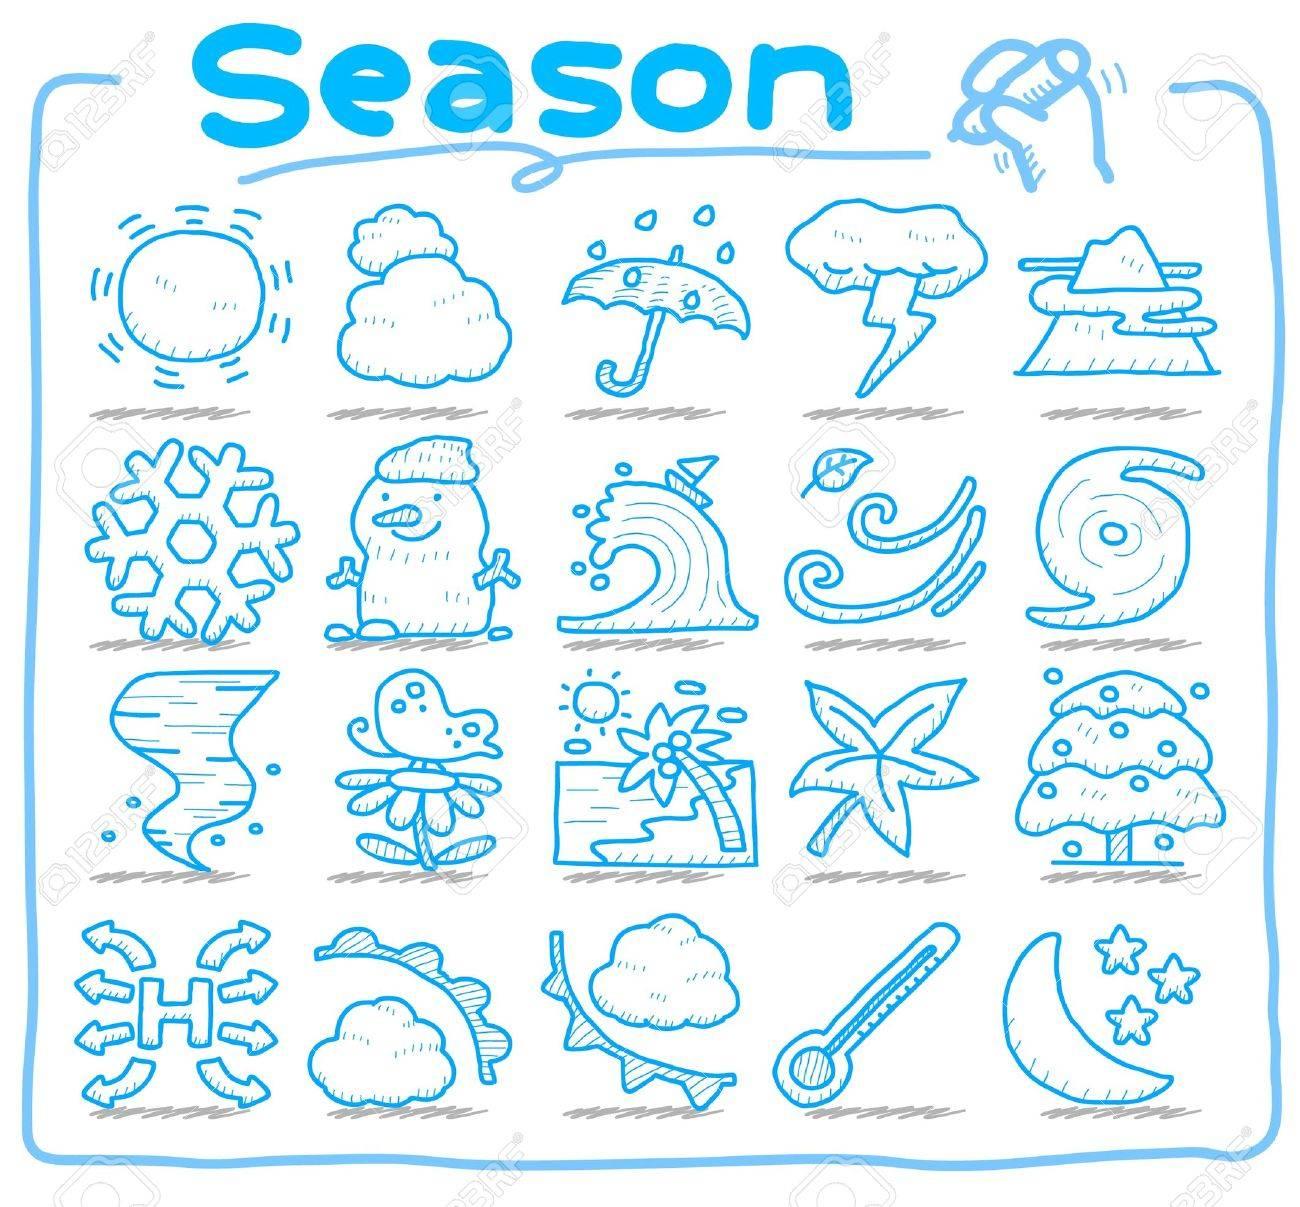 hand drawn season,weather icon set - 10585367